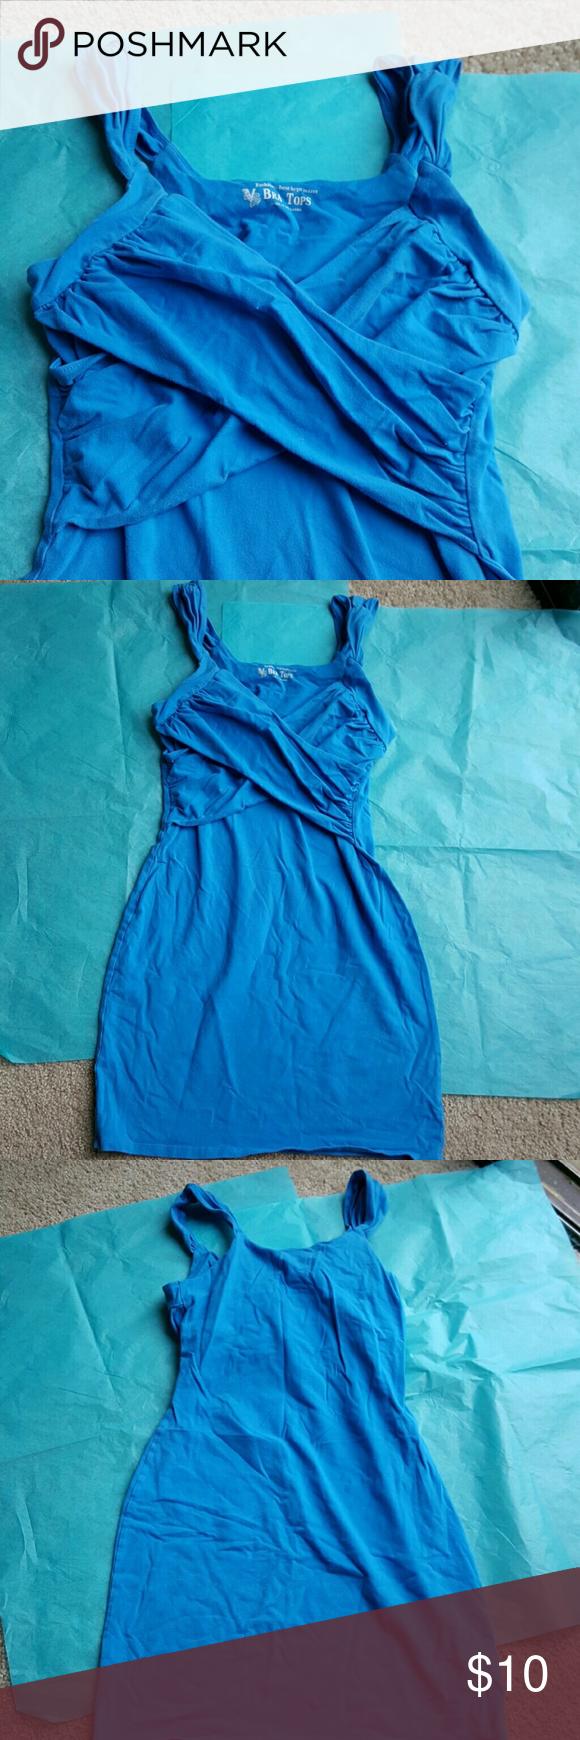 Victorias Secret Bra Top Summer Dress Summer Dresses Dress Size Chart Women Victoria Secret Bras [ 1740 x 580 Pixel ]